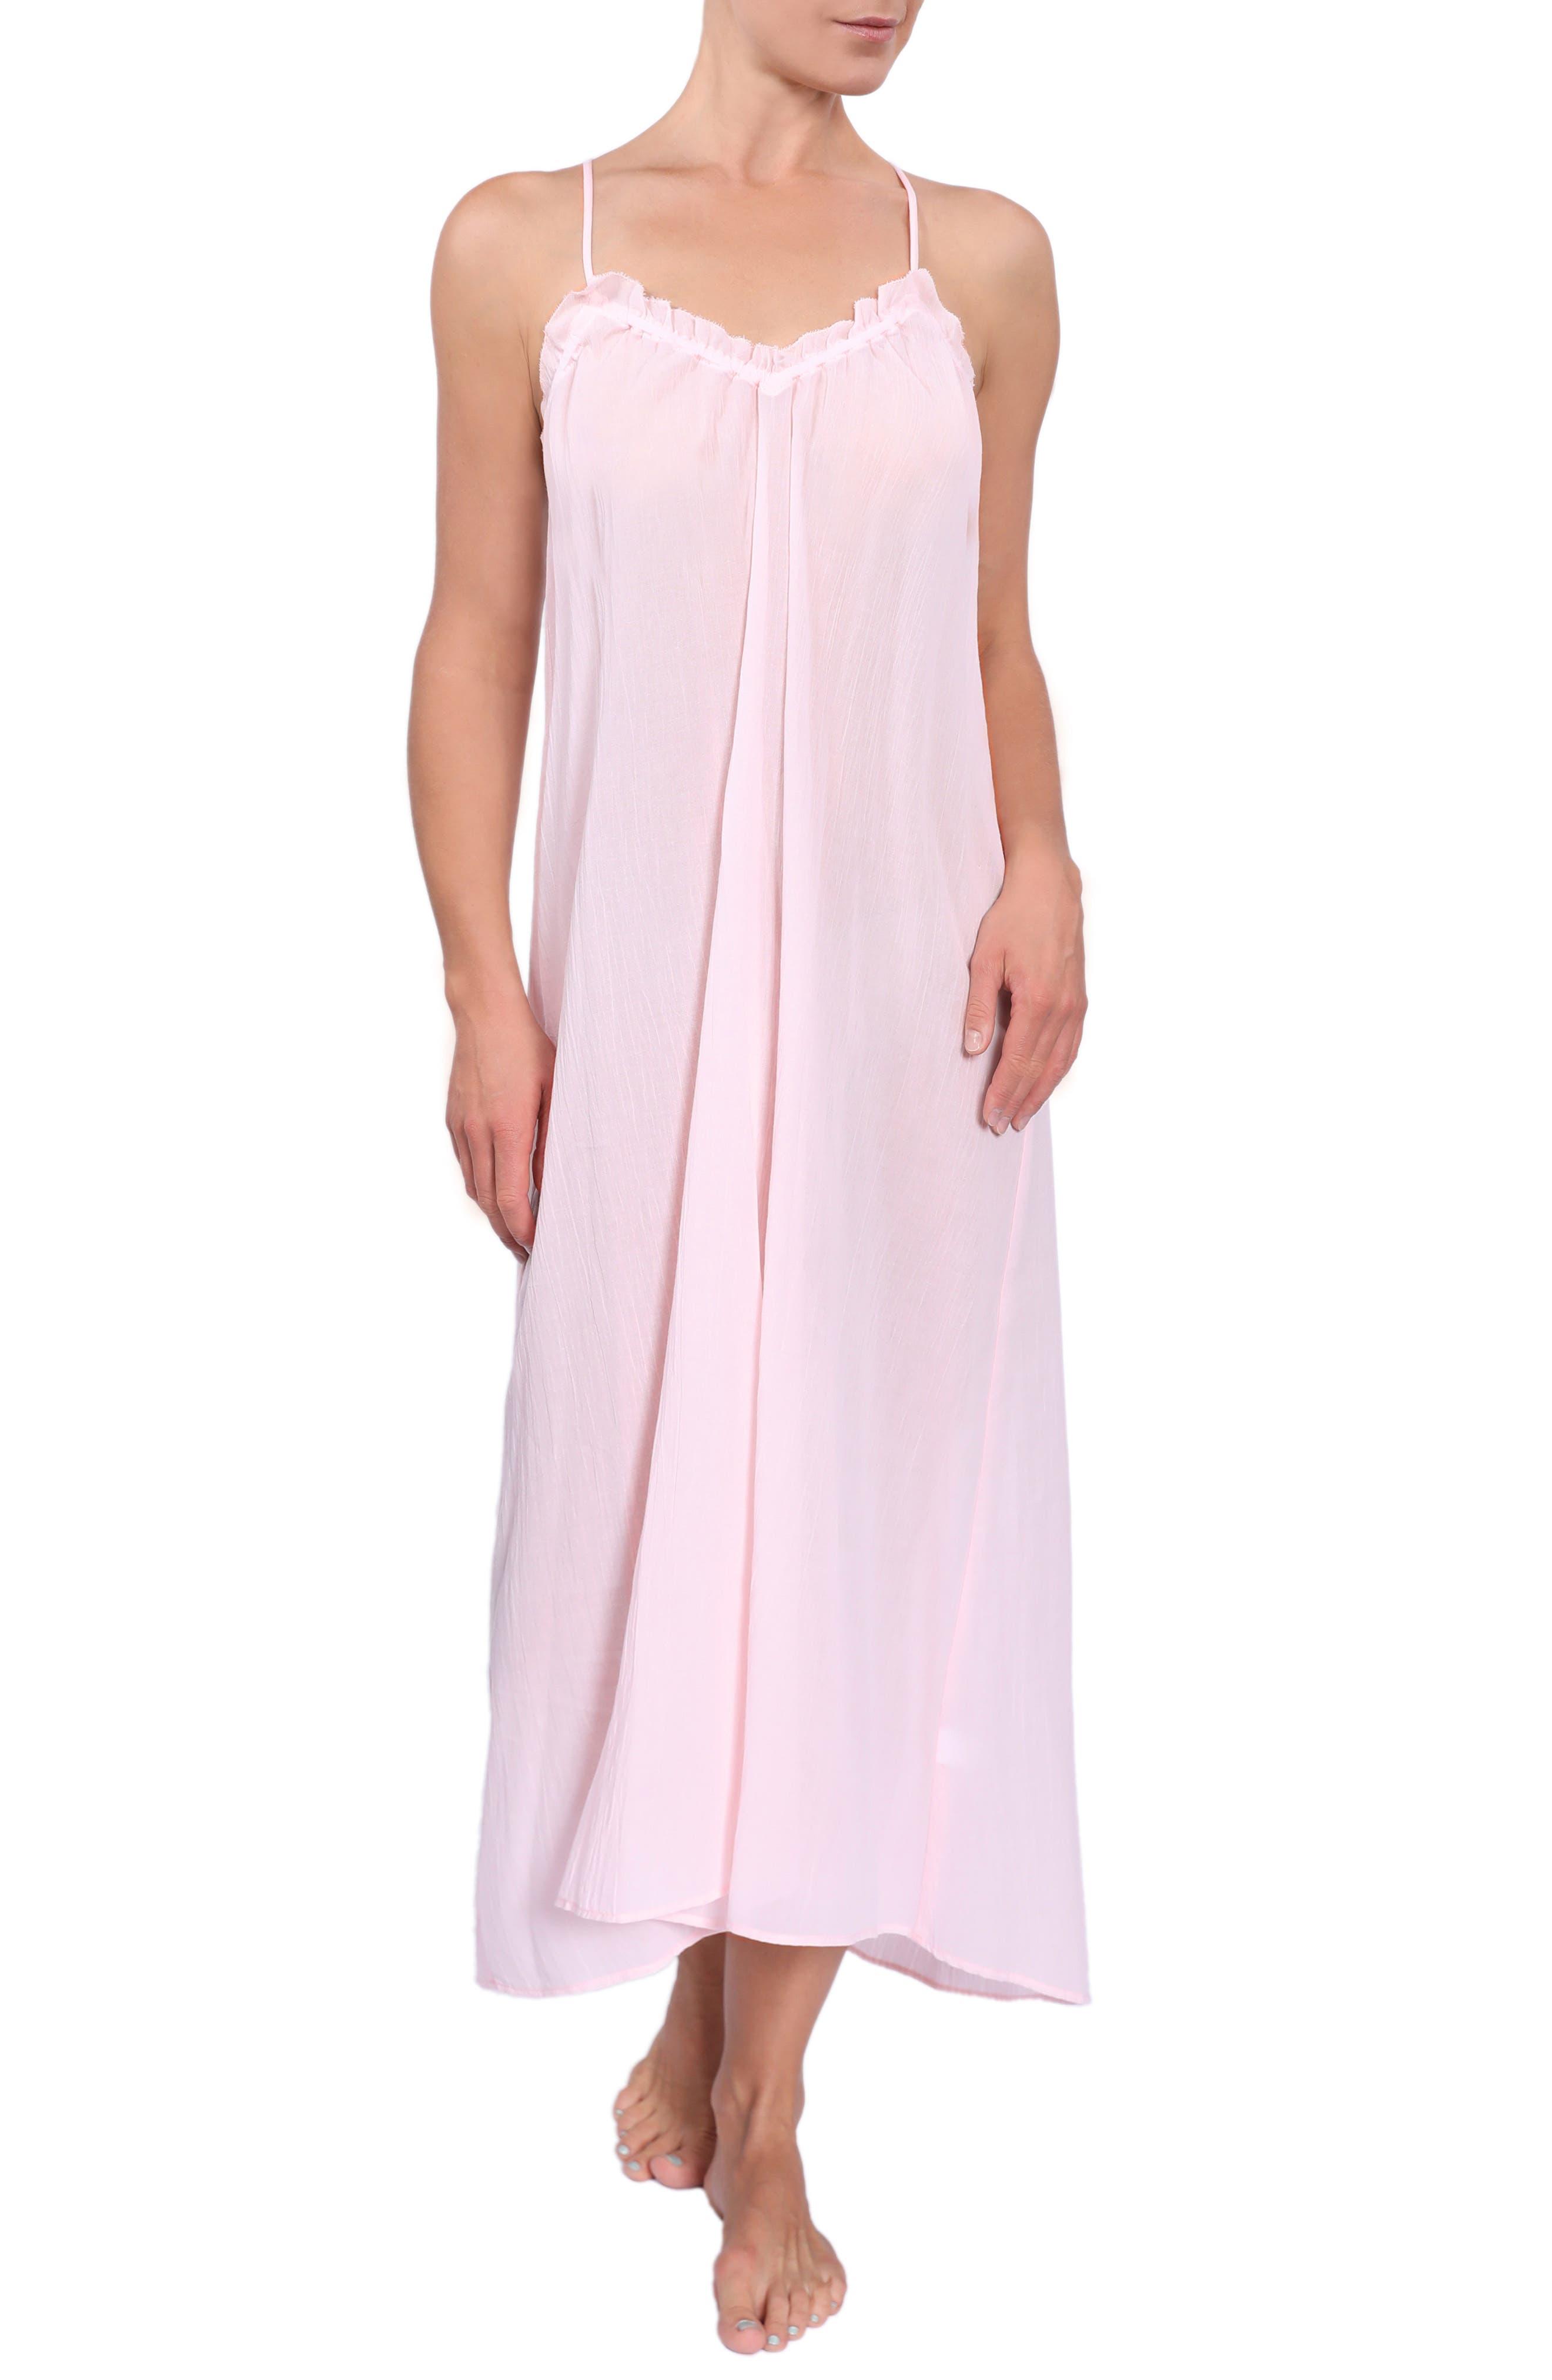 Ruffle Nightgown